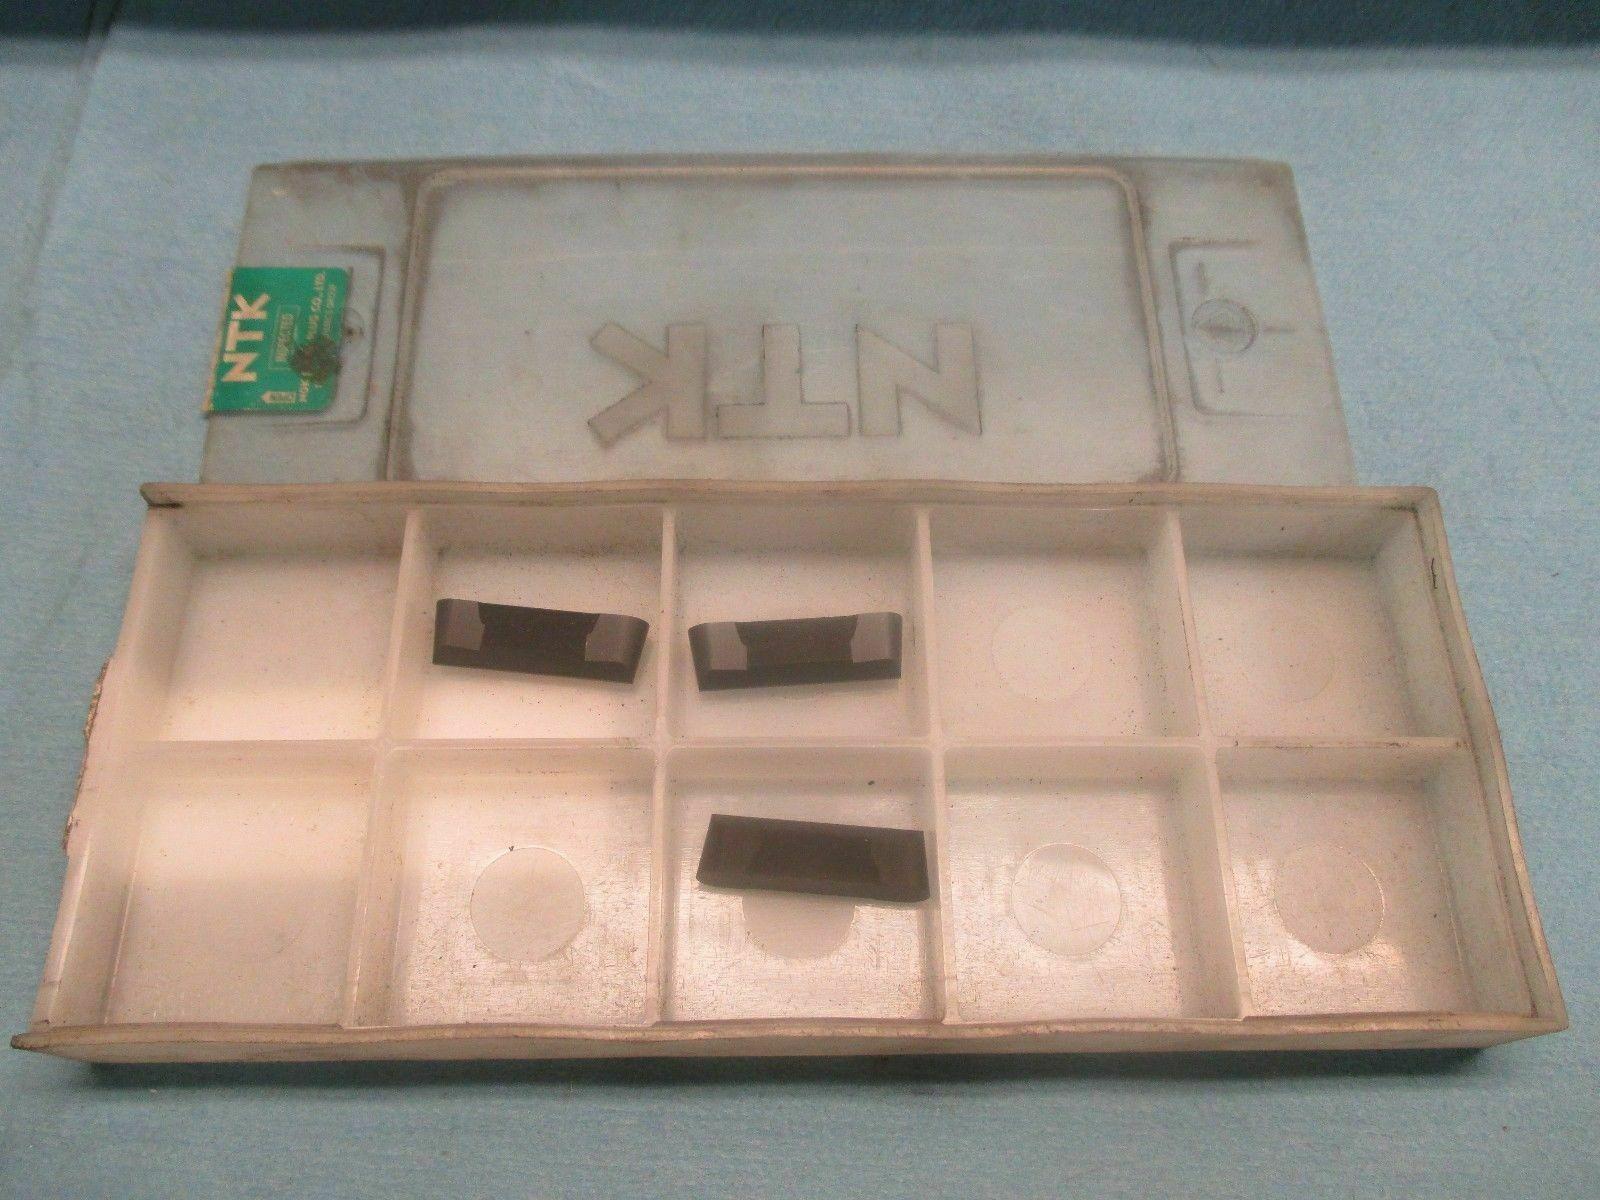 5 new NTK Tools VDB 188A 015 HC2 20A-H2 SM Dogbone Cermet Ceramic Inserts 00115